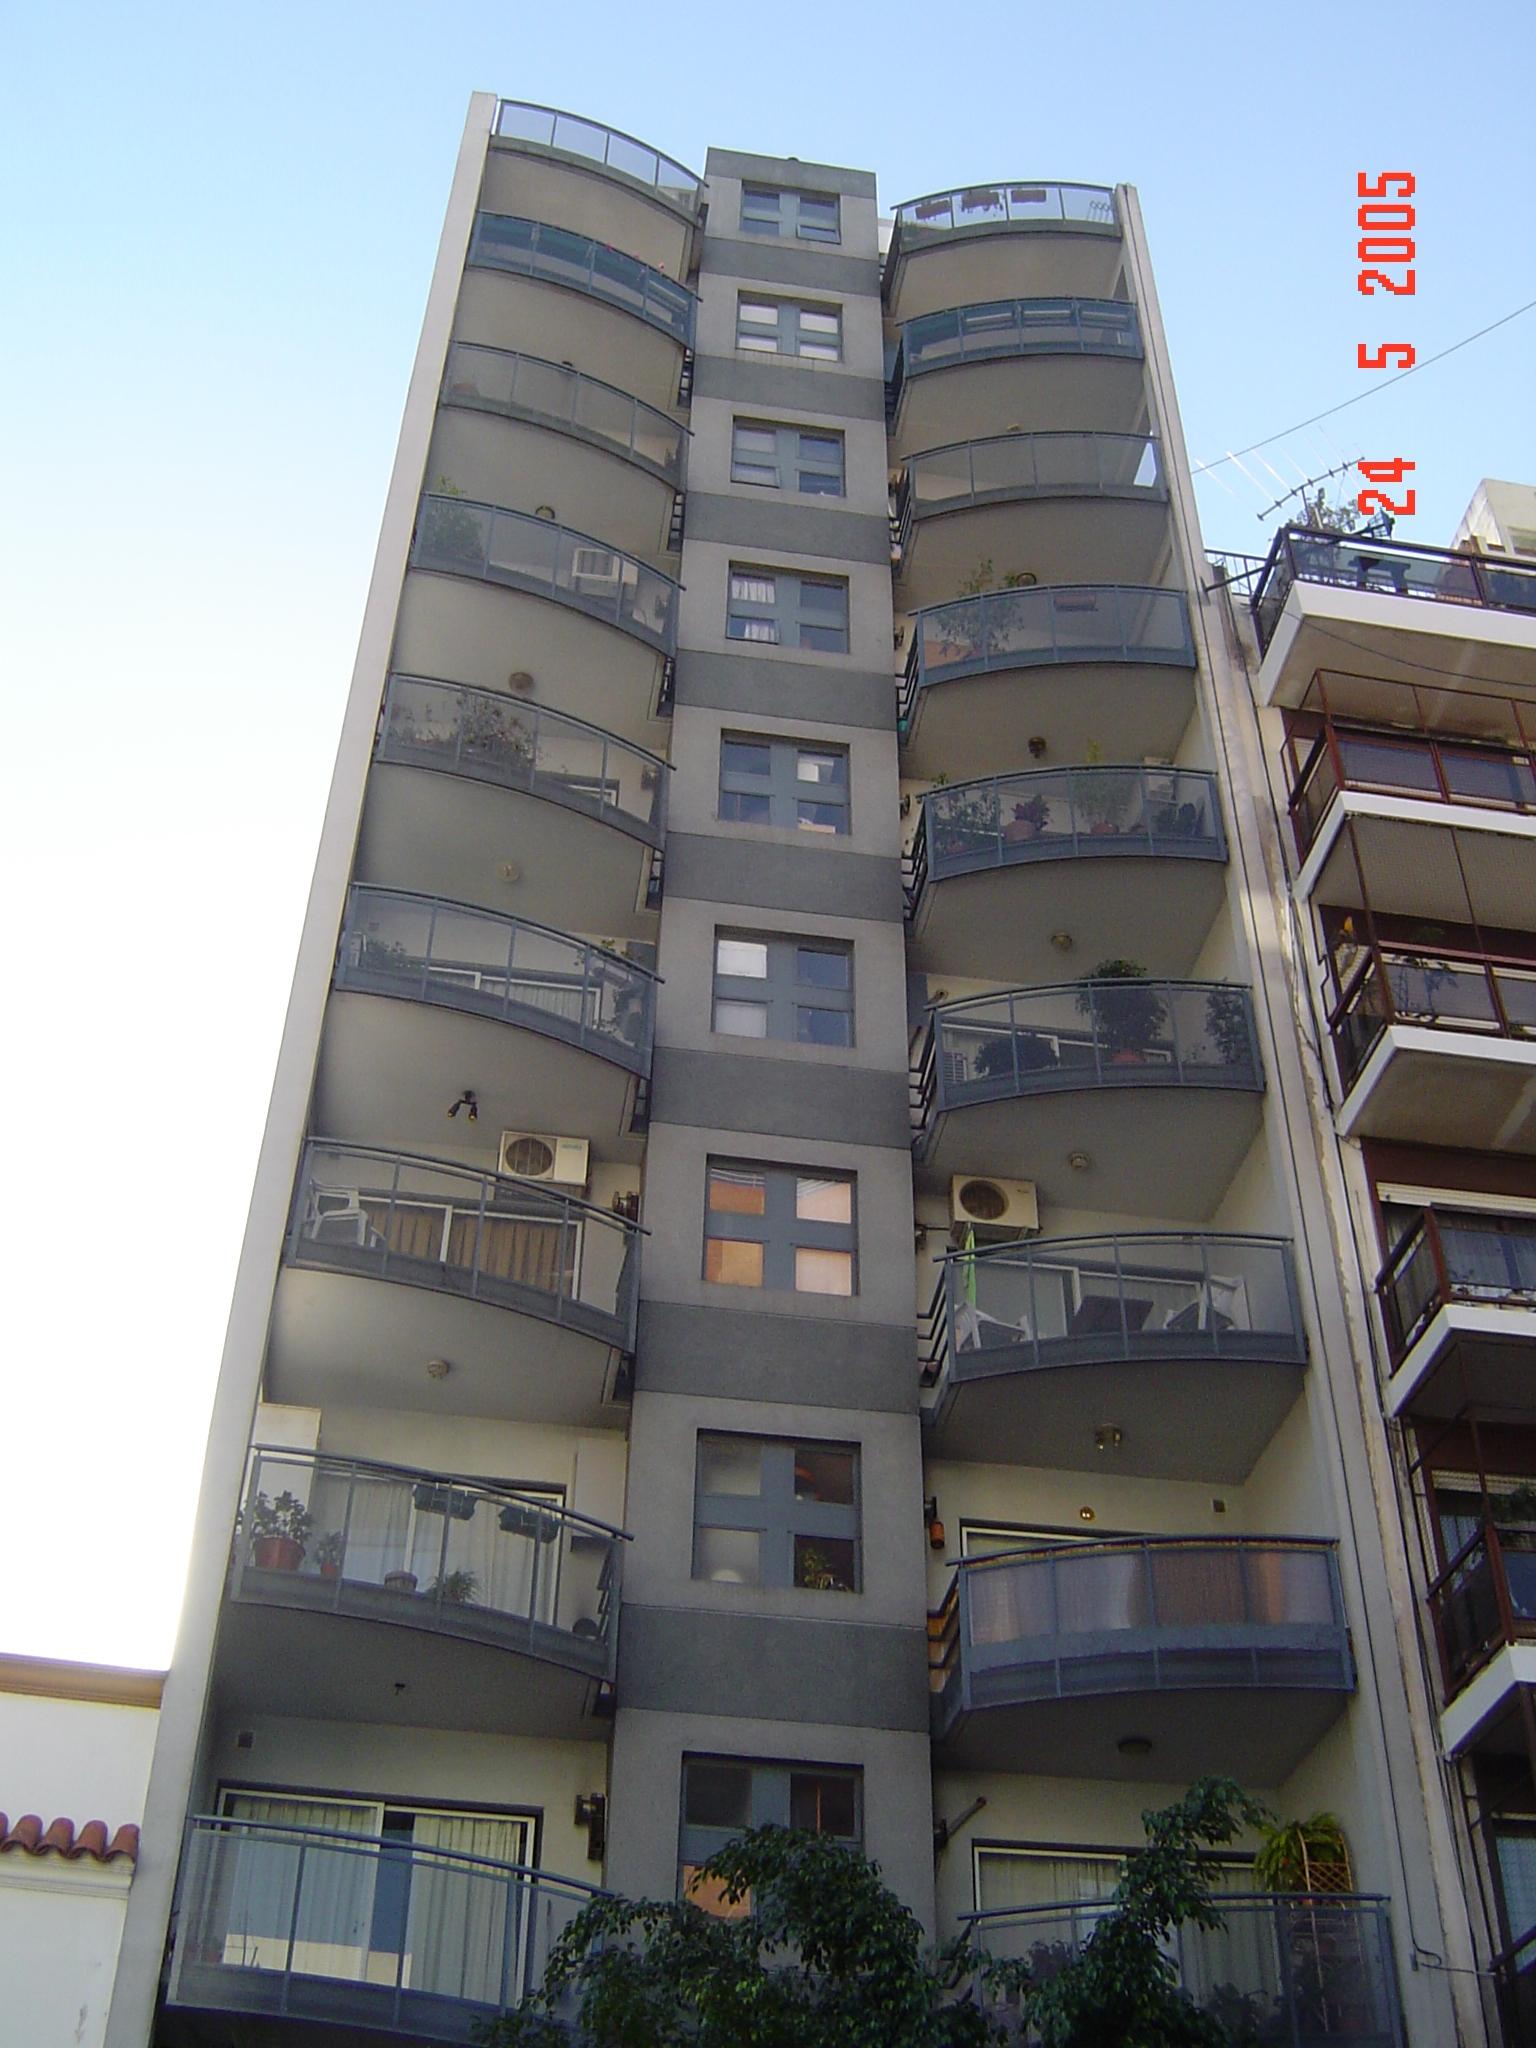 DOBILIA SA Construcciones - Propiedades Horizontales - Edificio Pedraza 2457-1